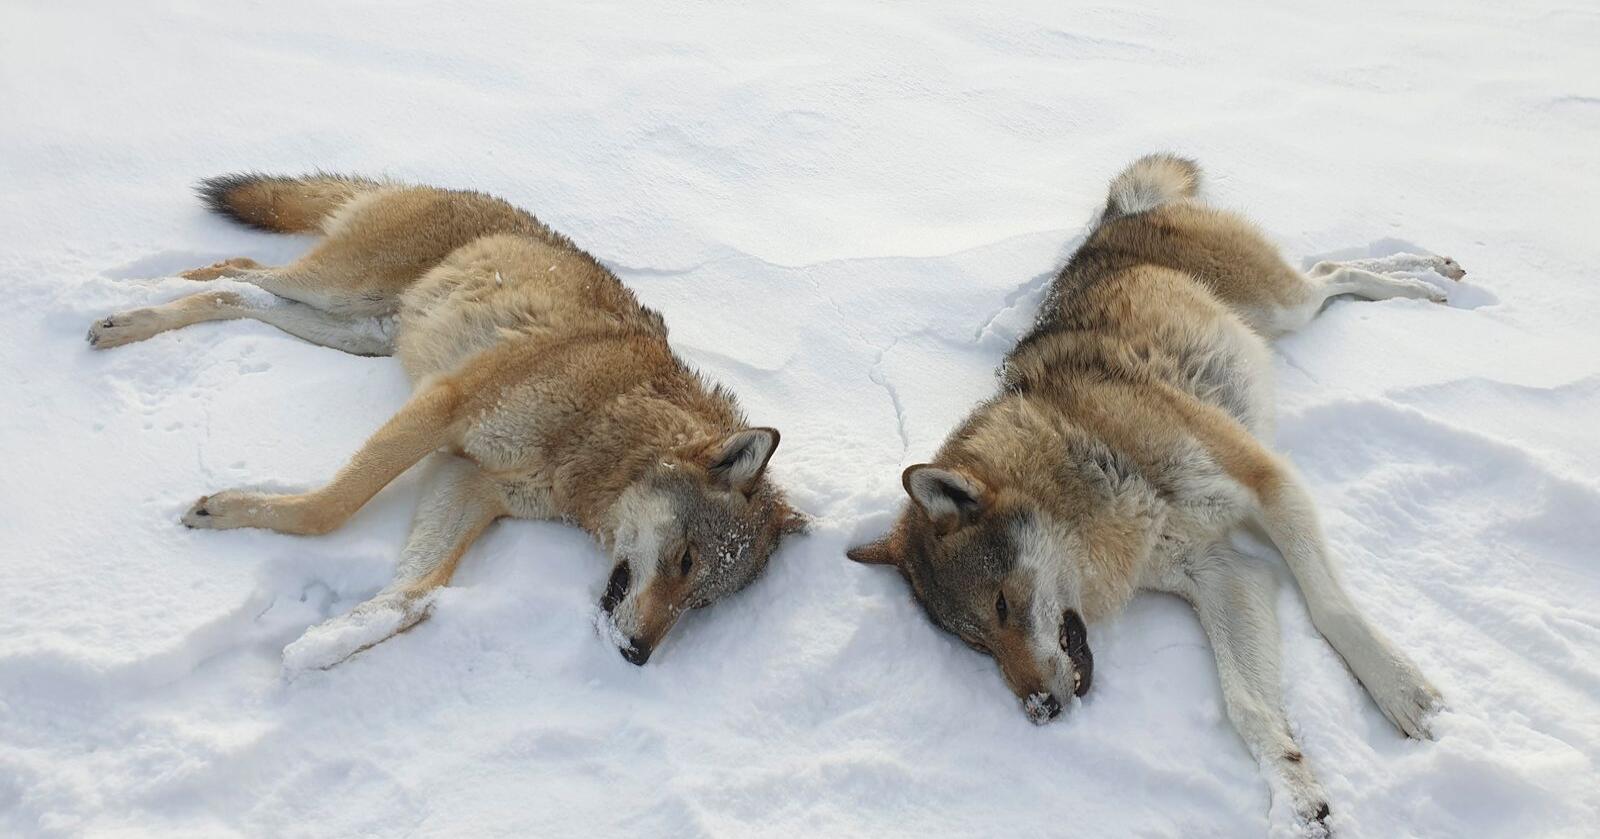 Ap foreslår å endre naturmangfoldloven i håp om å dempe konfliktnivået i rovdyrpolitikken. Venstre liker ikke partiets signaler. Foto: Statens Naturoppsyn / NTB scanpix